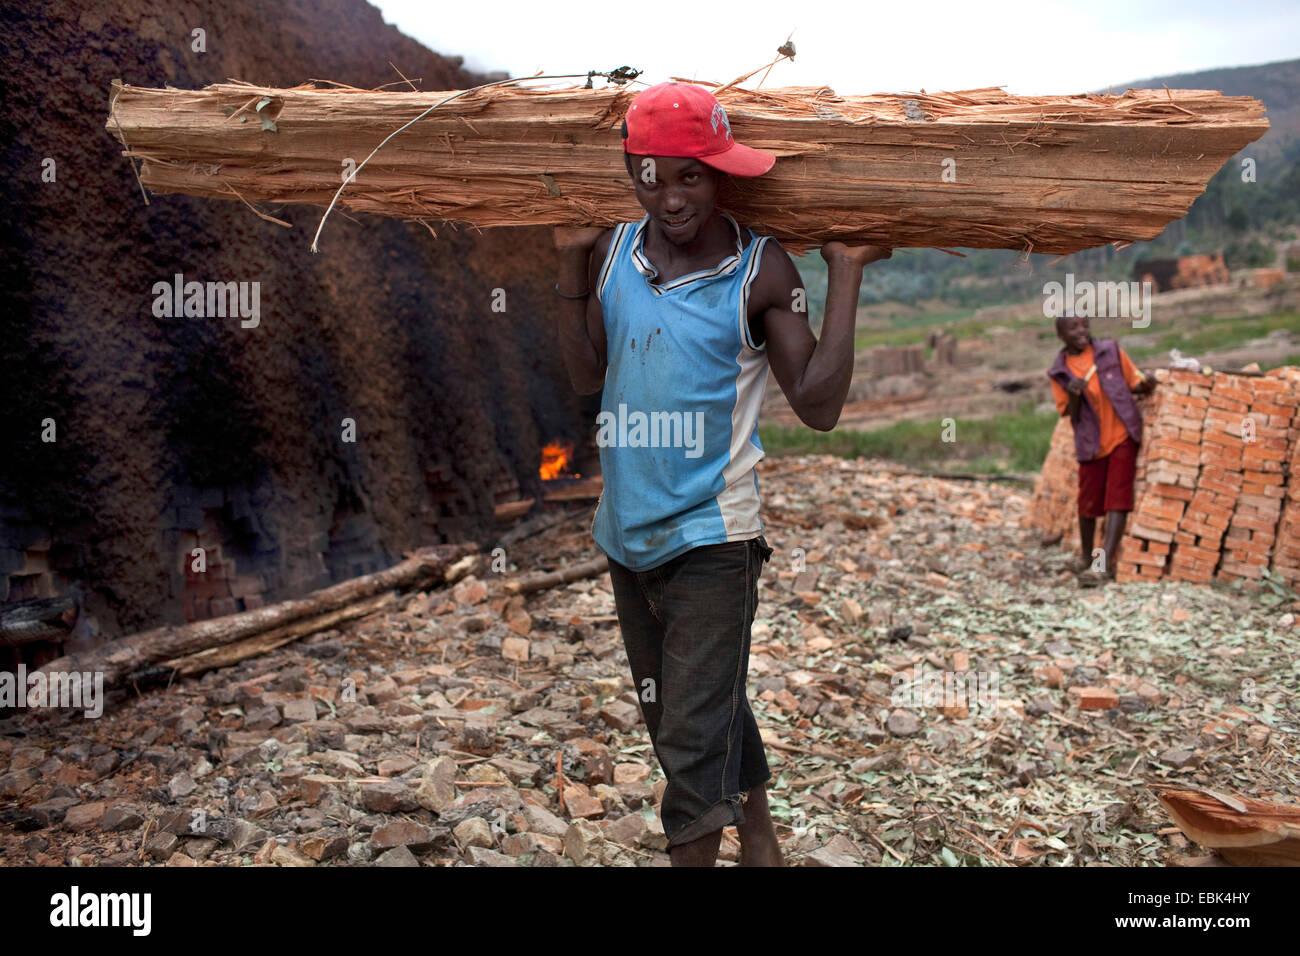 junger Mann mit Holz Balken für das Abfeuern von Ziegelei, Burundi, Karuzi, Buhiga Stockbild